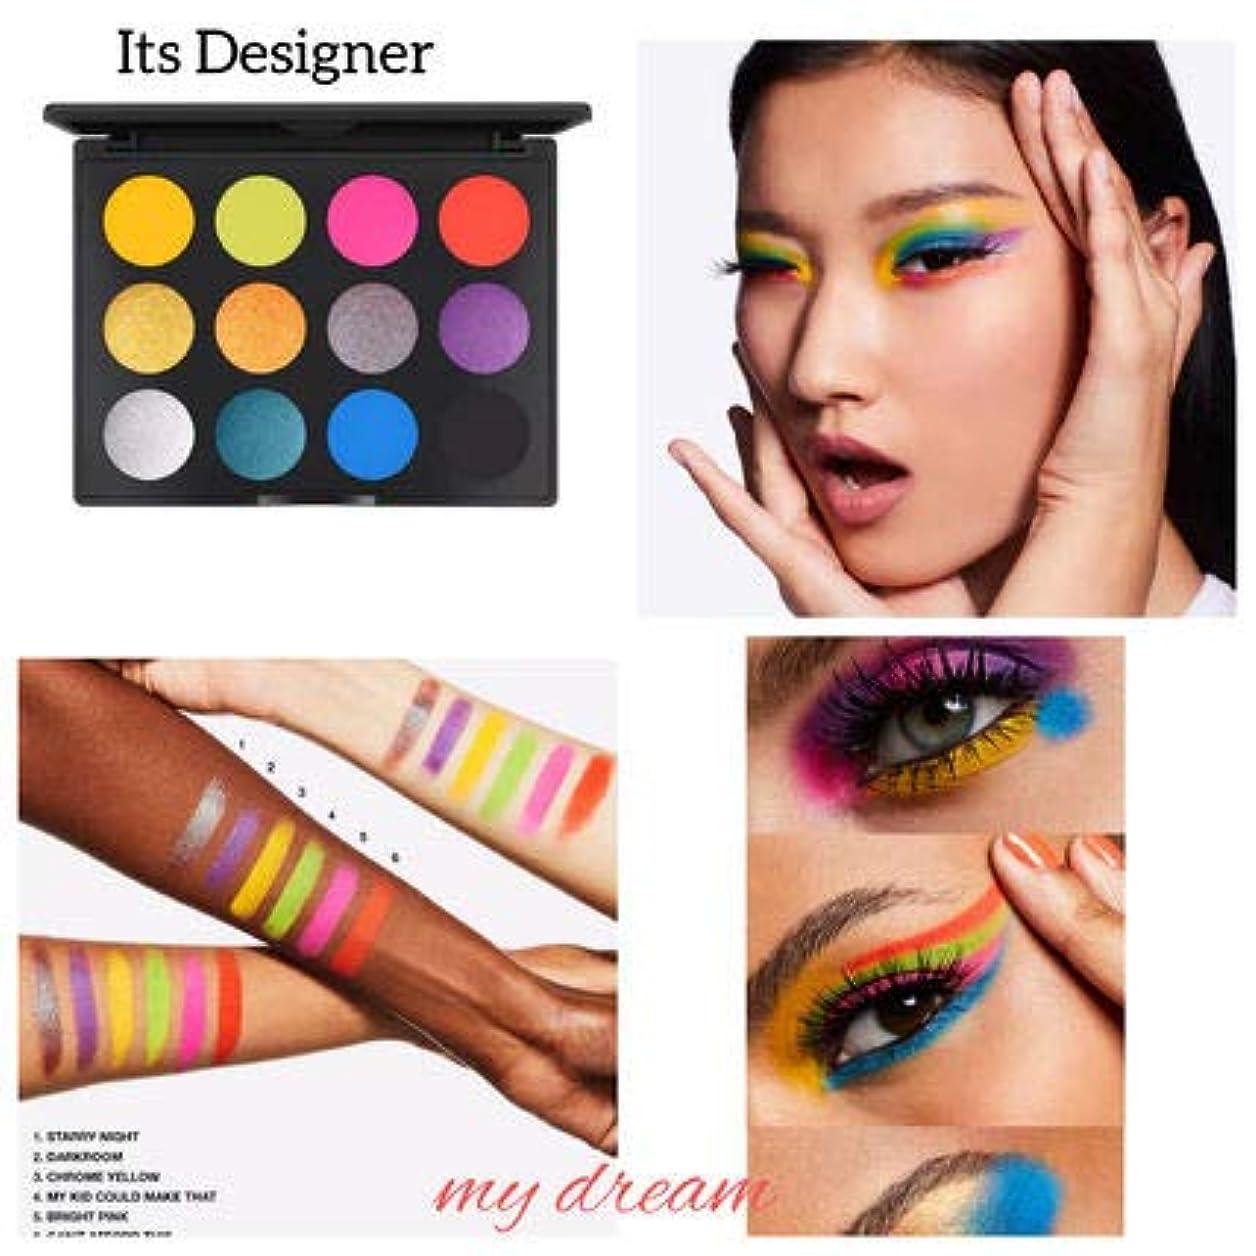 ドラフト摩擦に変わるMAC マック Art Library Eyeshadow Paletteアイシャドウ パレット12色ITS DESIGNER [並行輸入品]